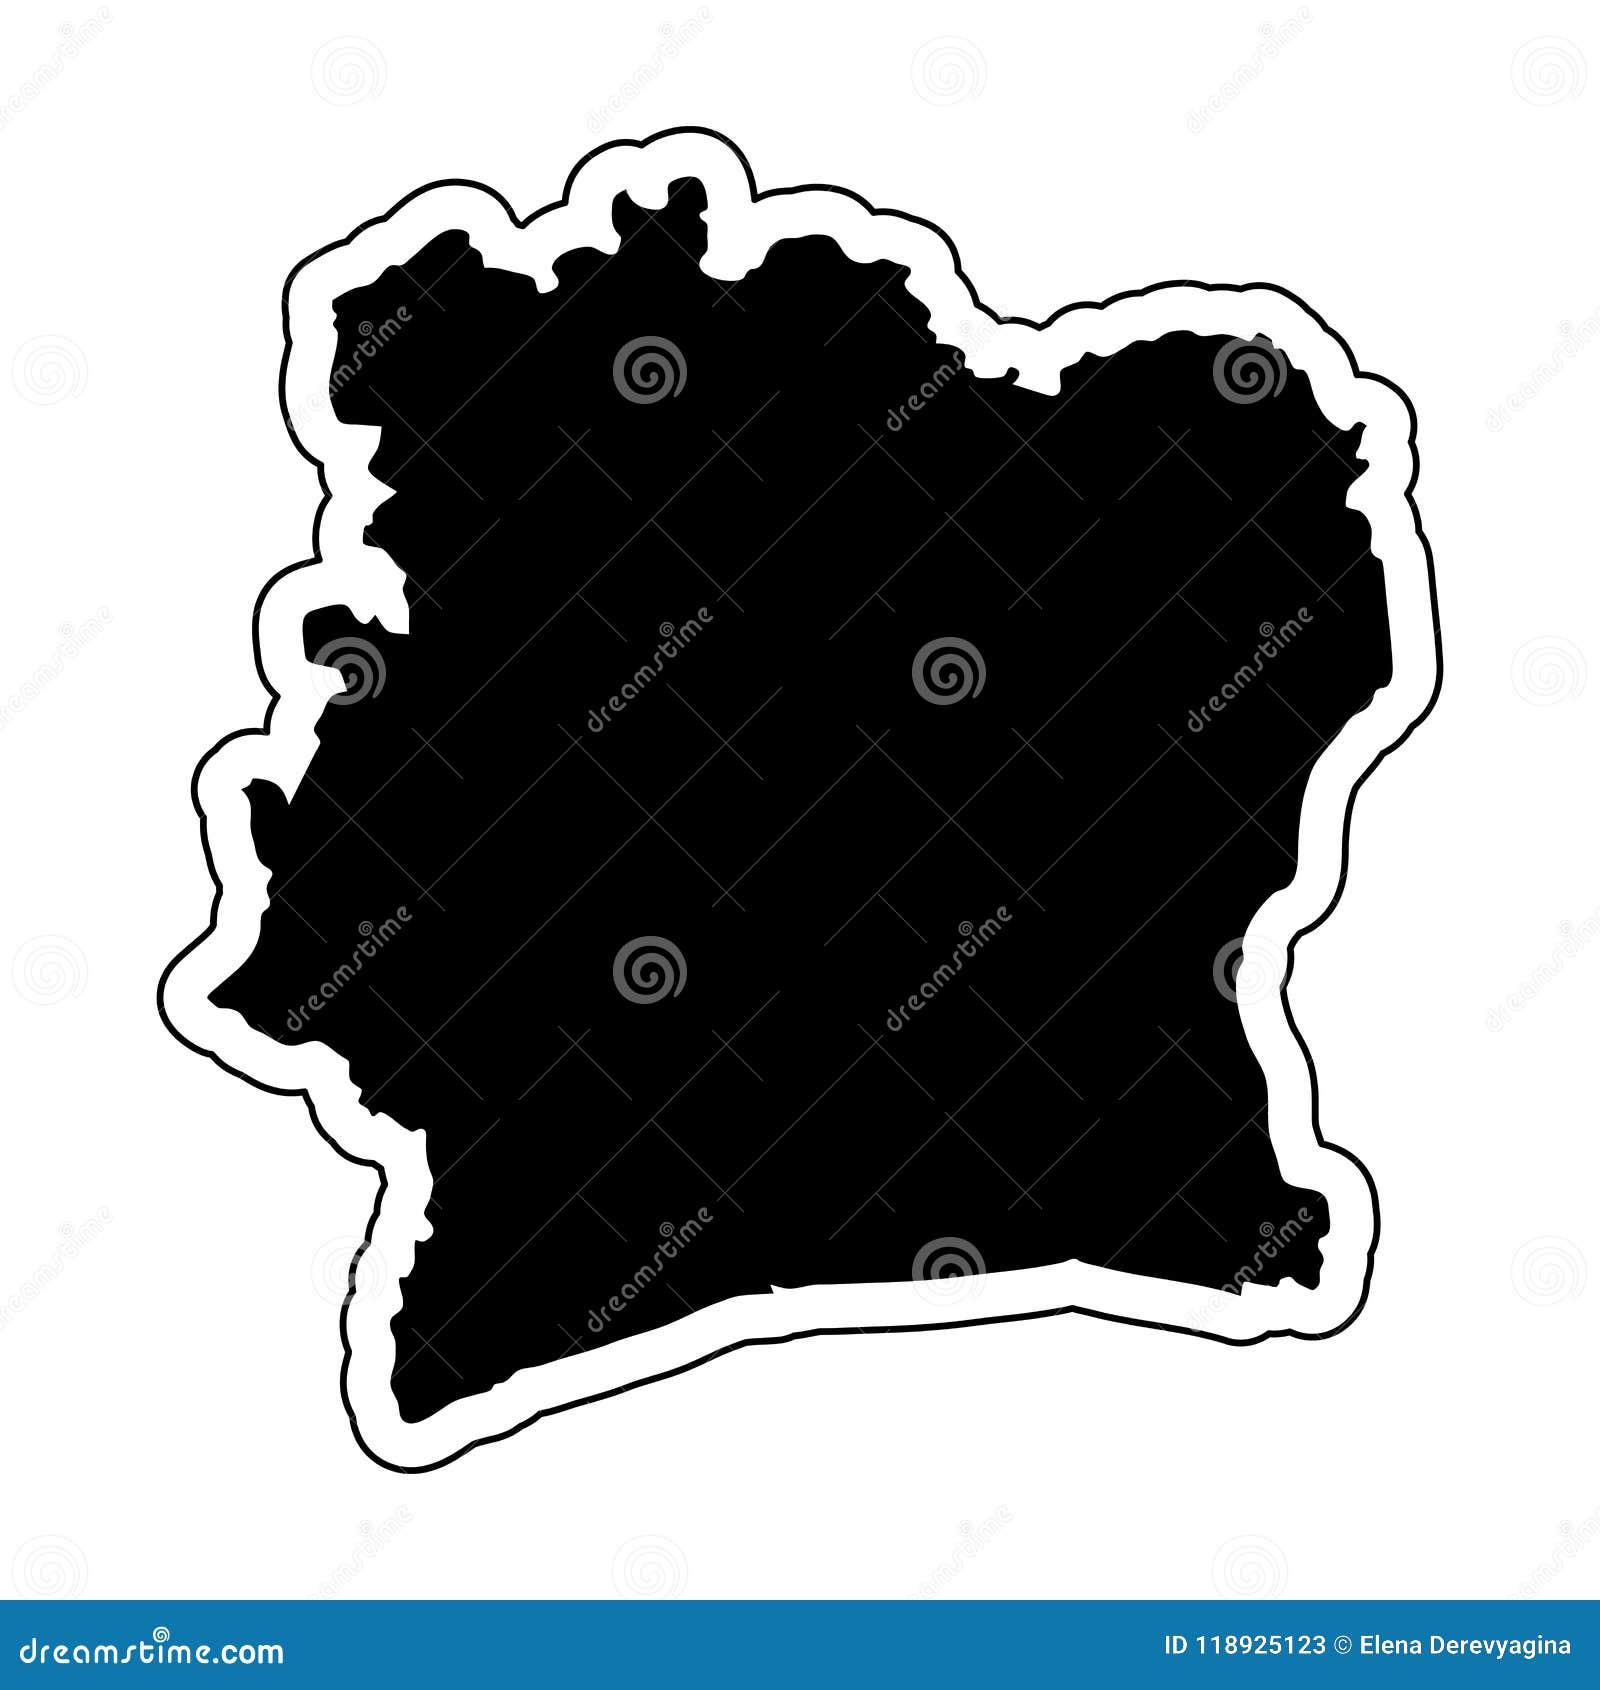 Zwart silhouet van het land Ivoorkust met de contour lin